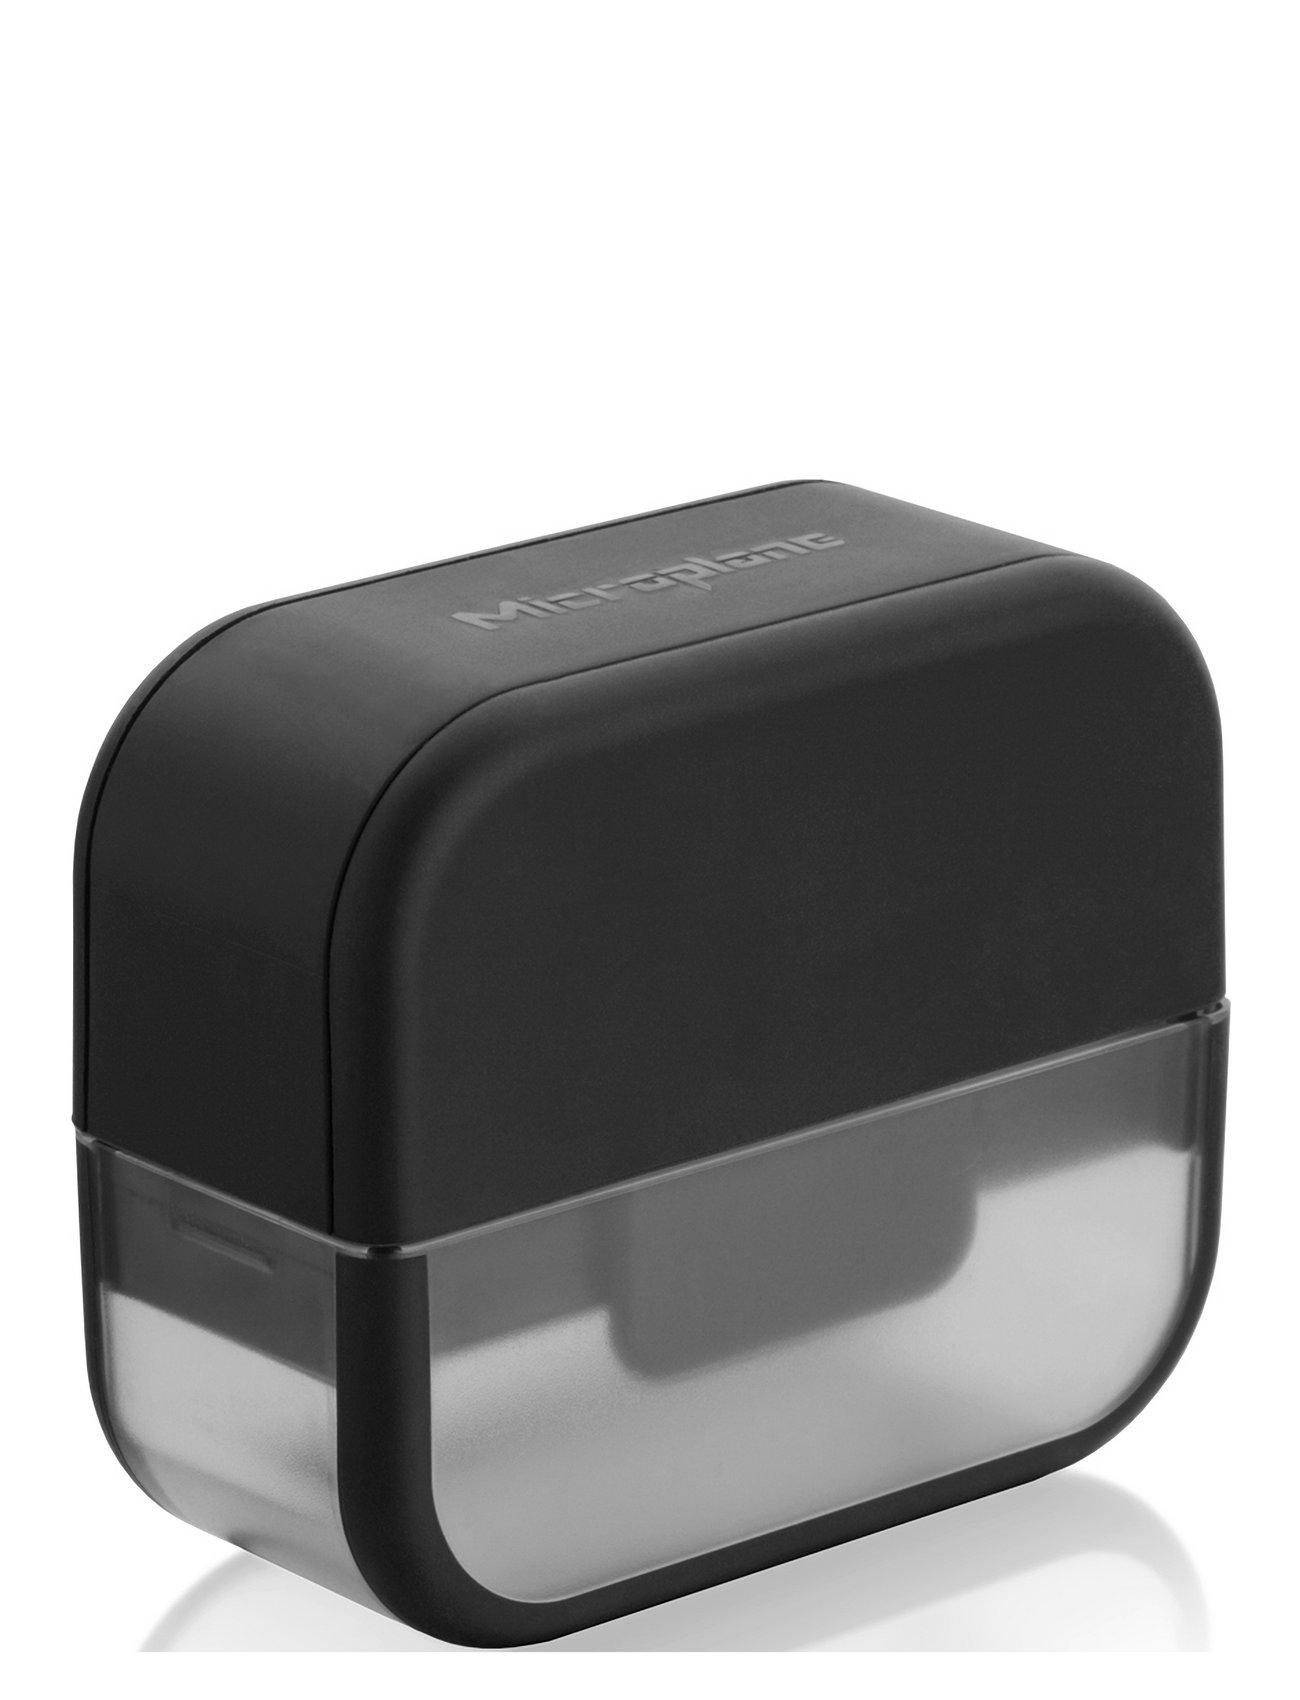 HvidløGsriver Home Kitchen Kitchen Utentils Graters Sort Microplane